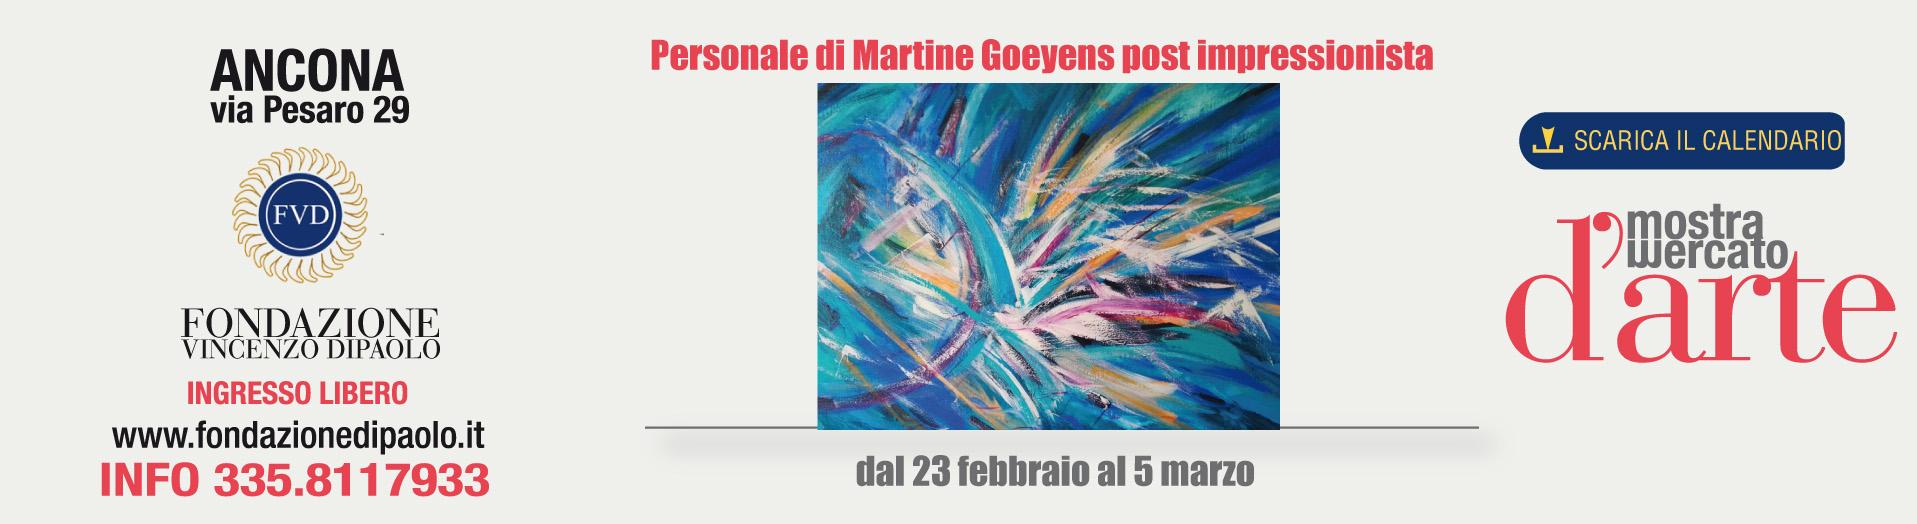 FB-FondazioneDiPaolo-eventomm